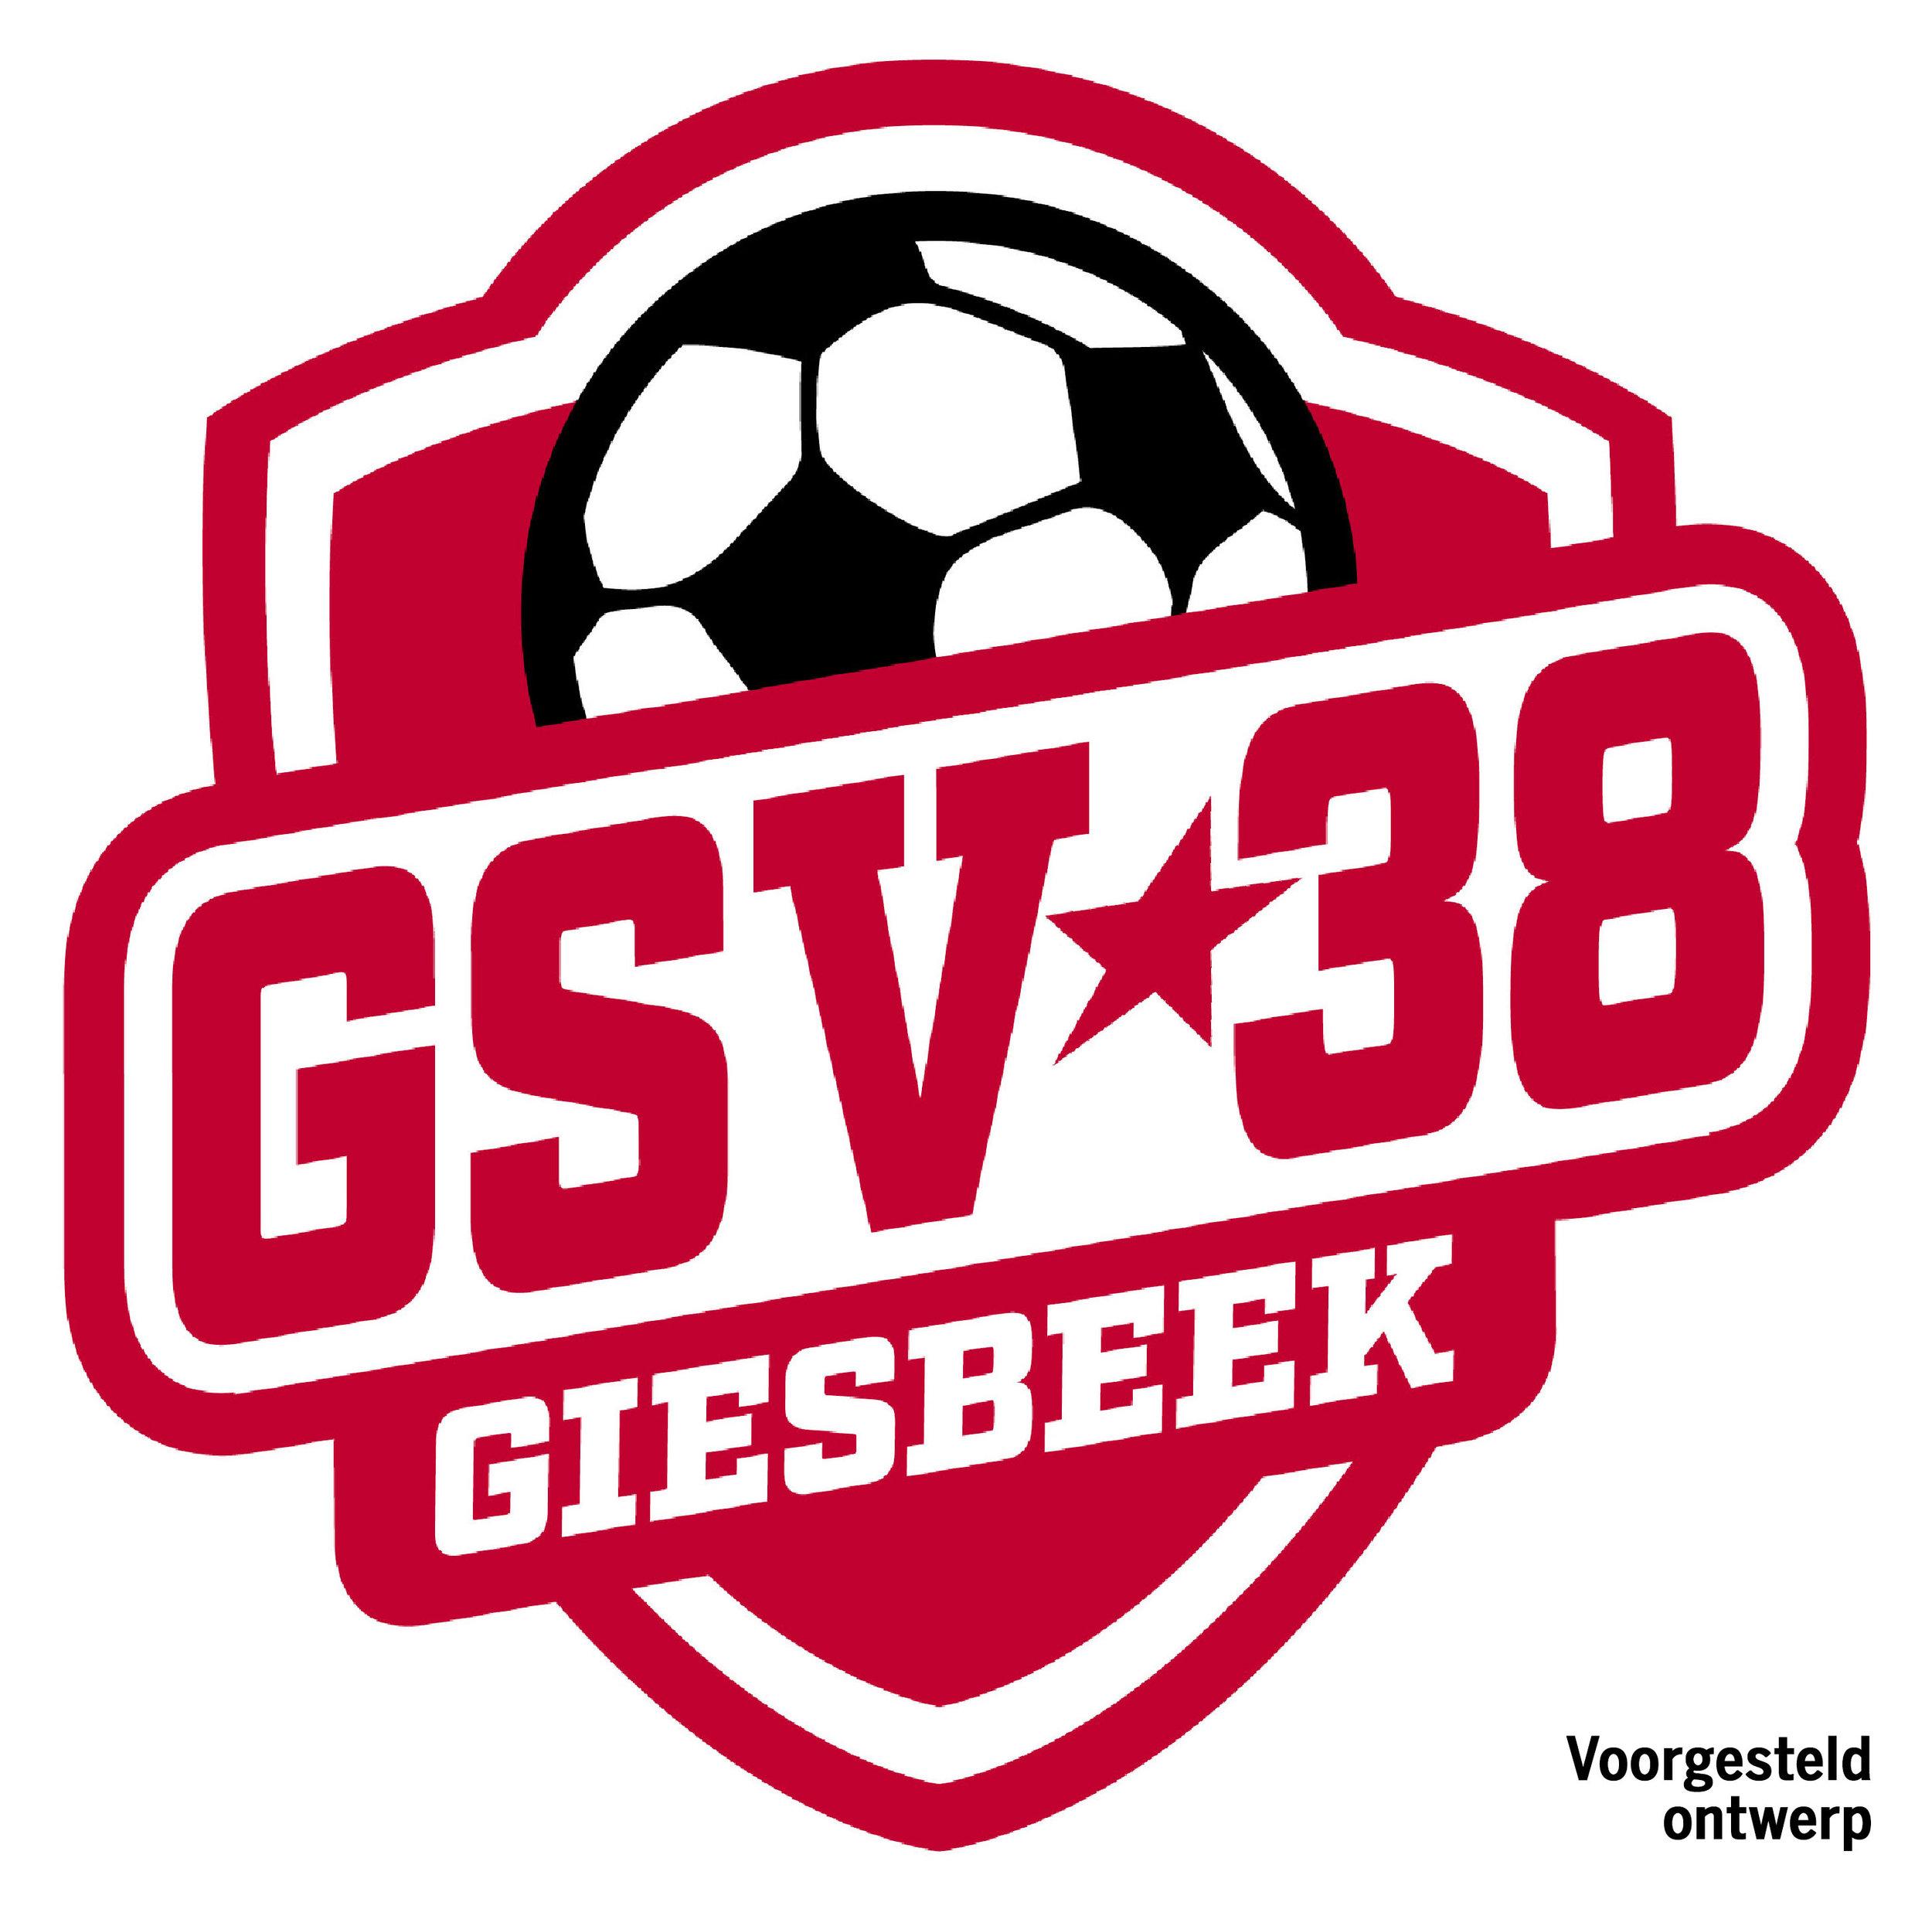 LOGO_GSV38_Voorgesteld_SqSp.jpg